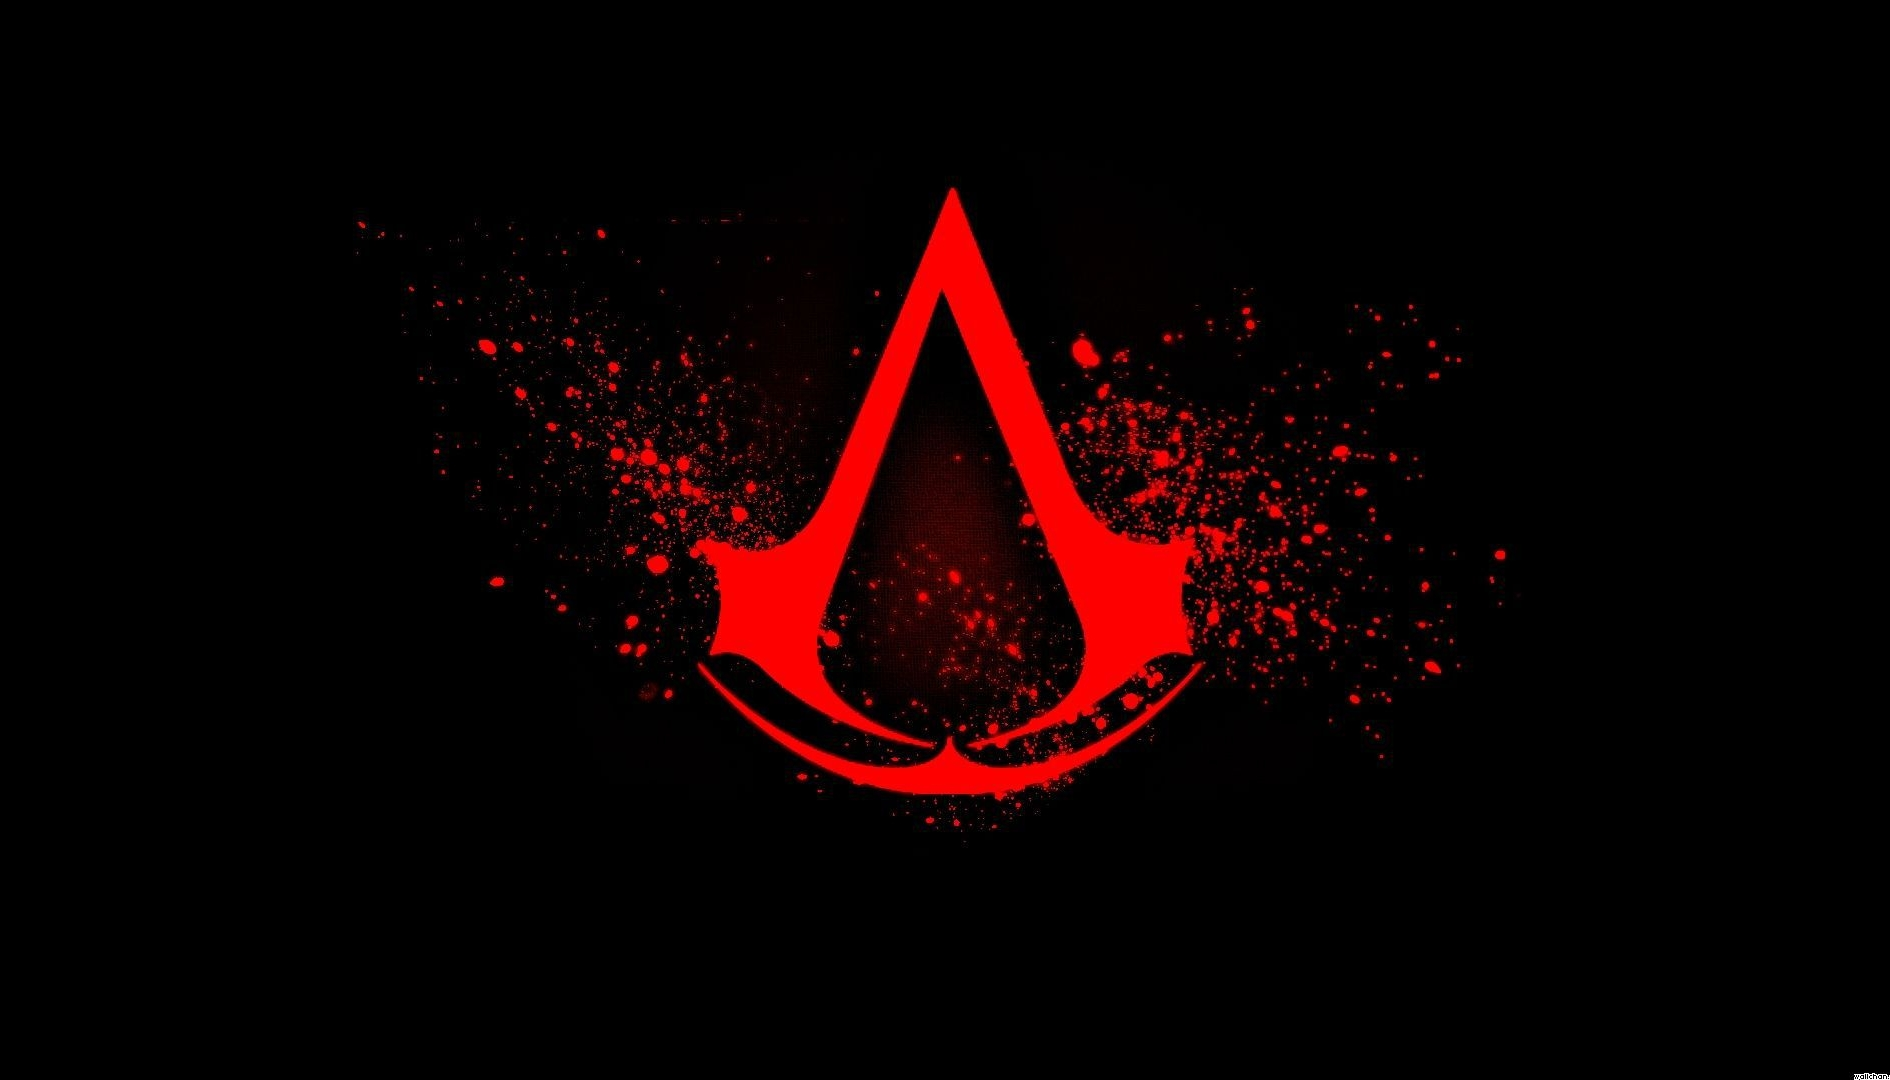 Assassin's Creed: svelata ambientazione e data del nuovo gioco?